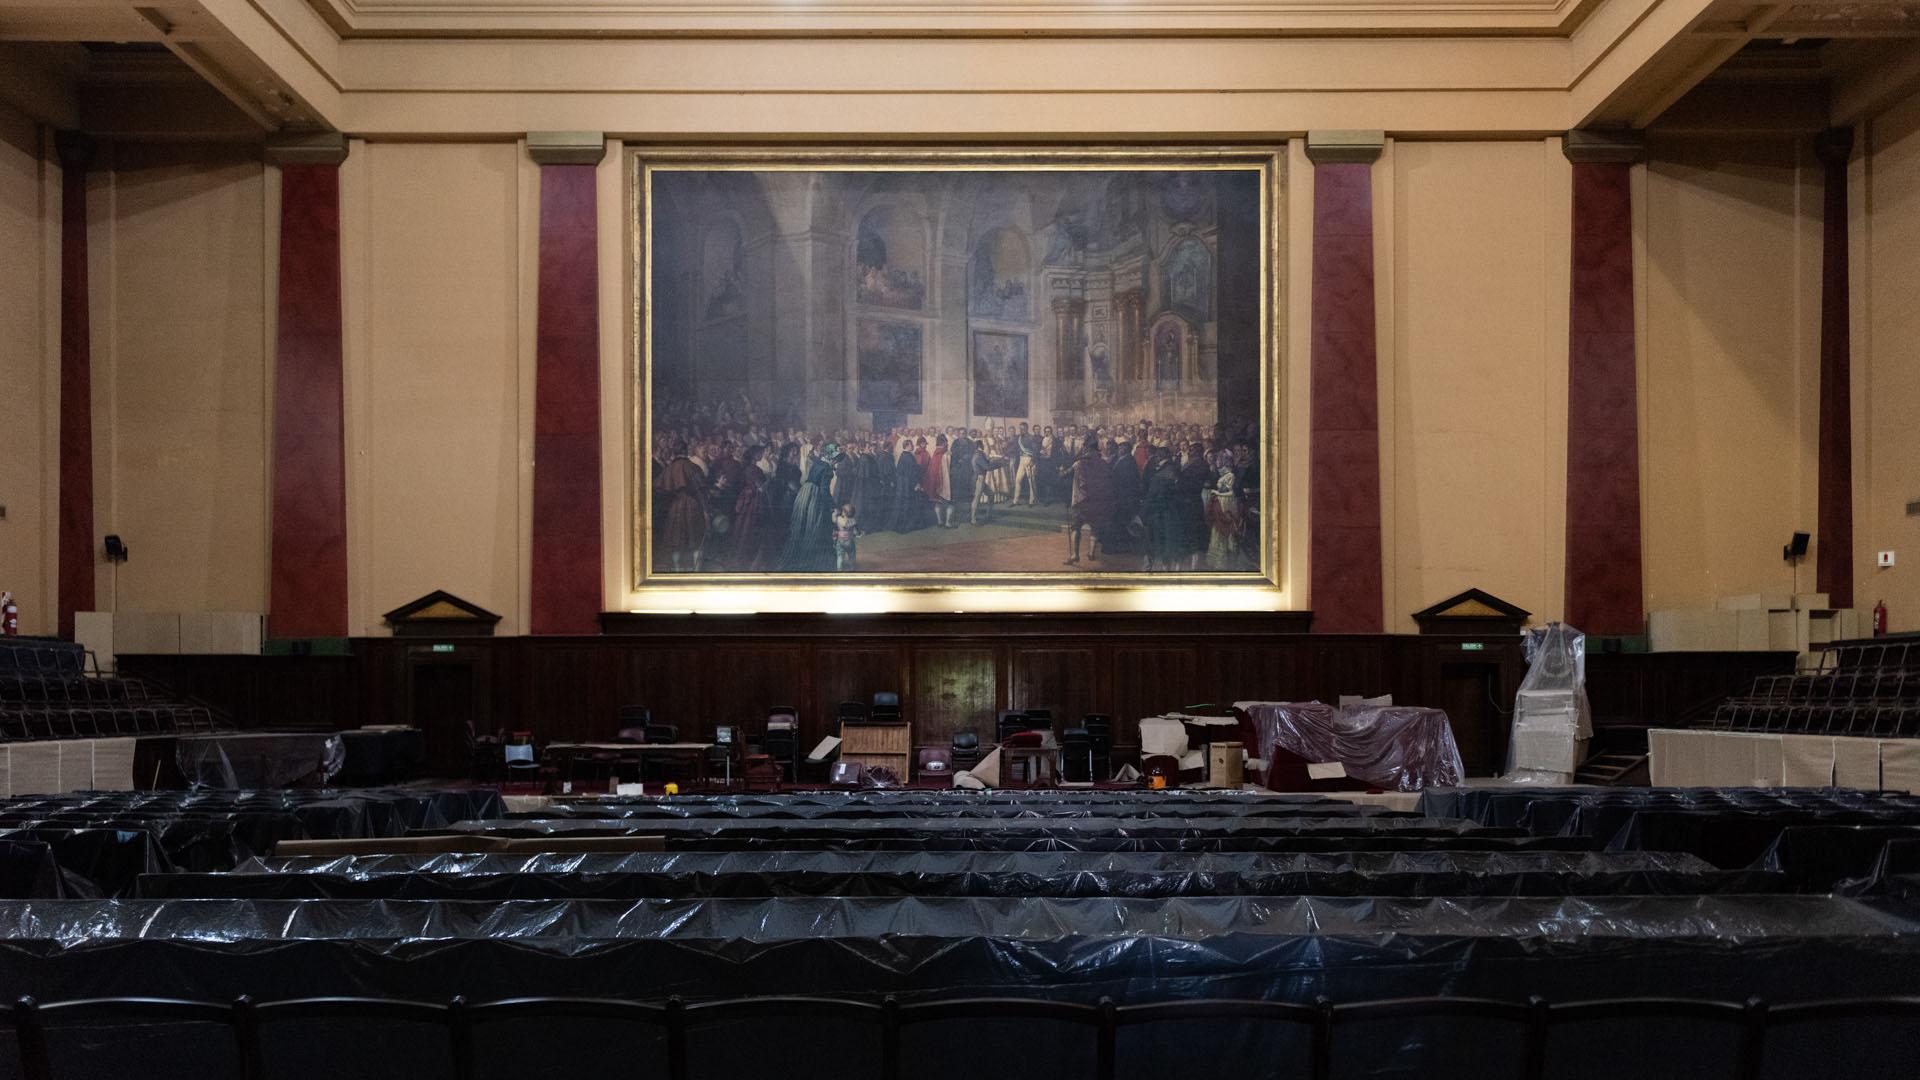 El trabajo de ebanistería se hizo dentro del Salón de Actos